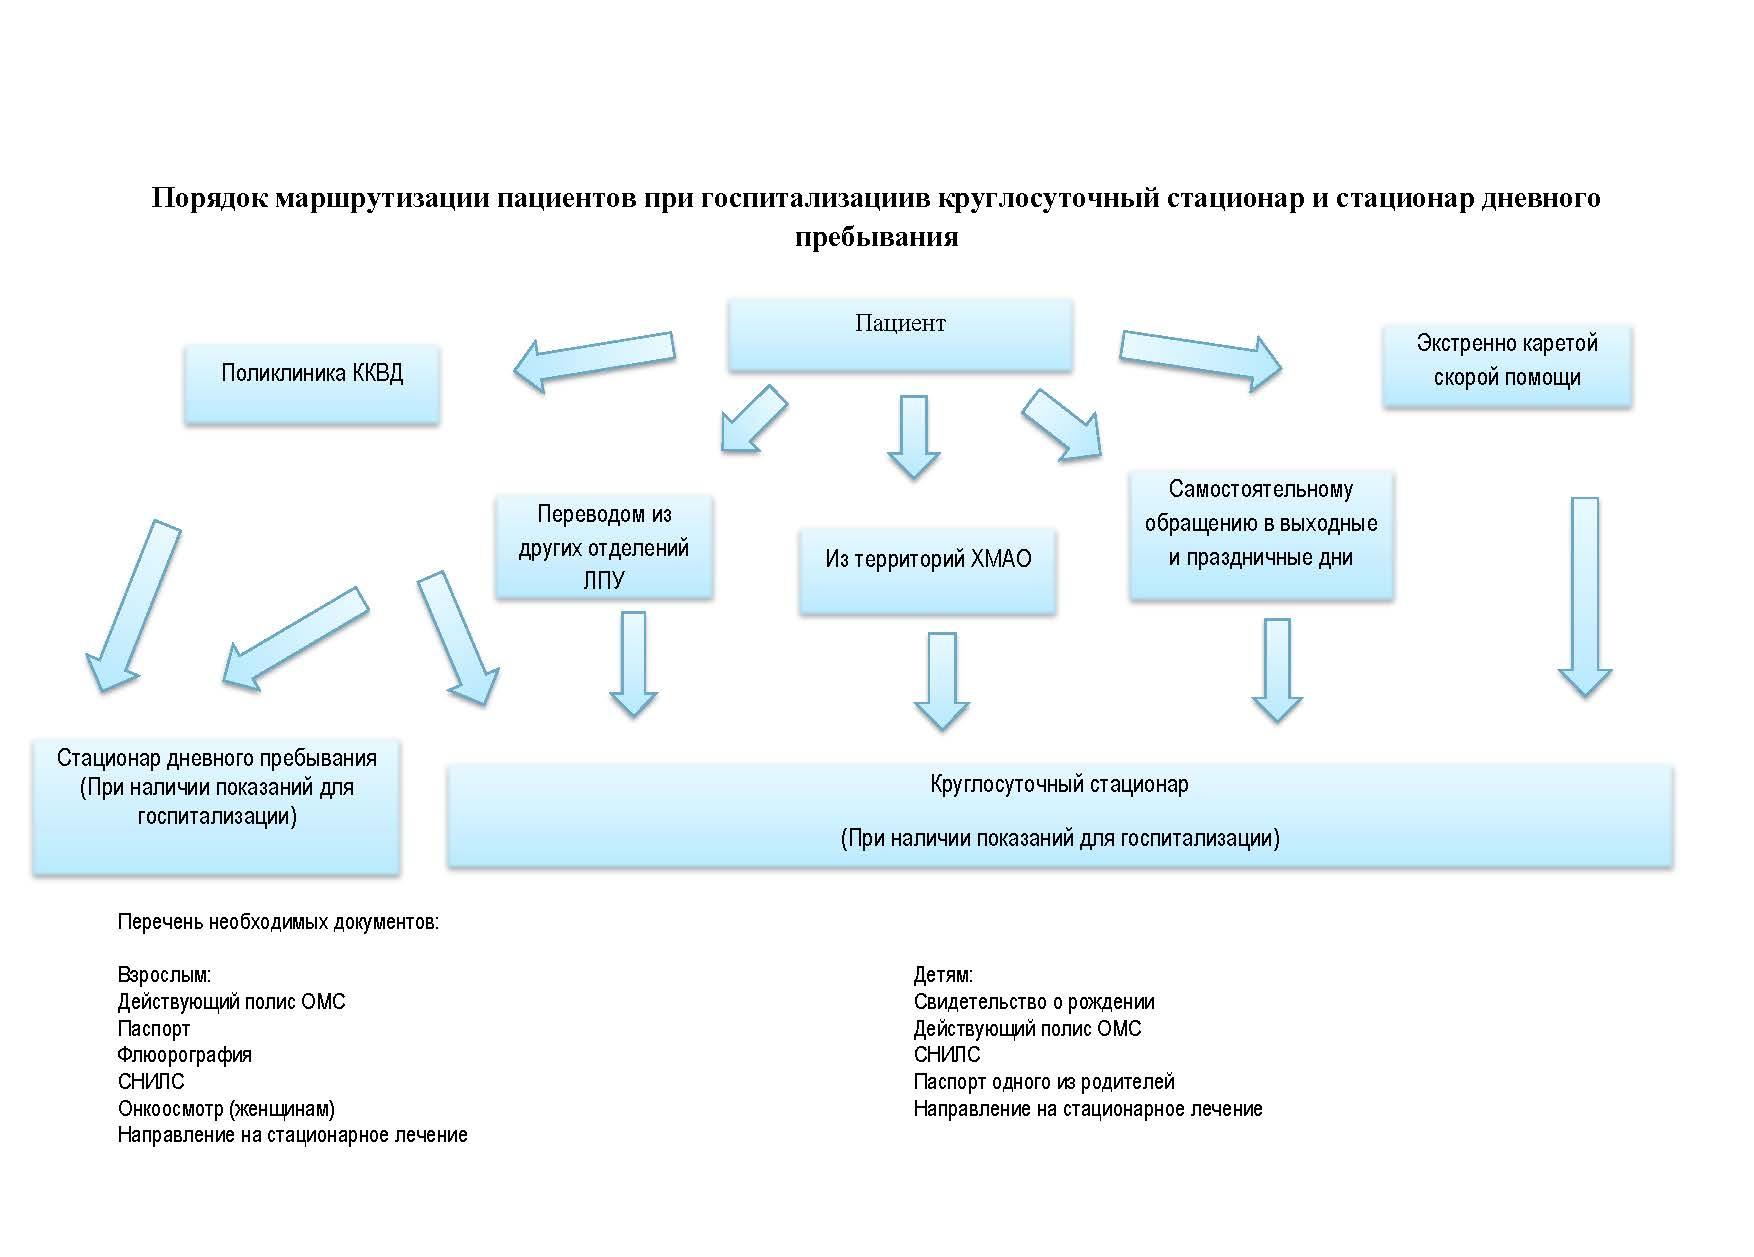 Маршрутизация пациентов - Ханты-Мансийский клинический ...